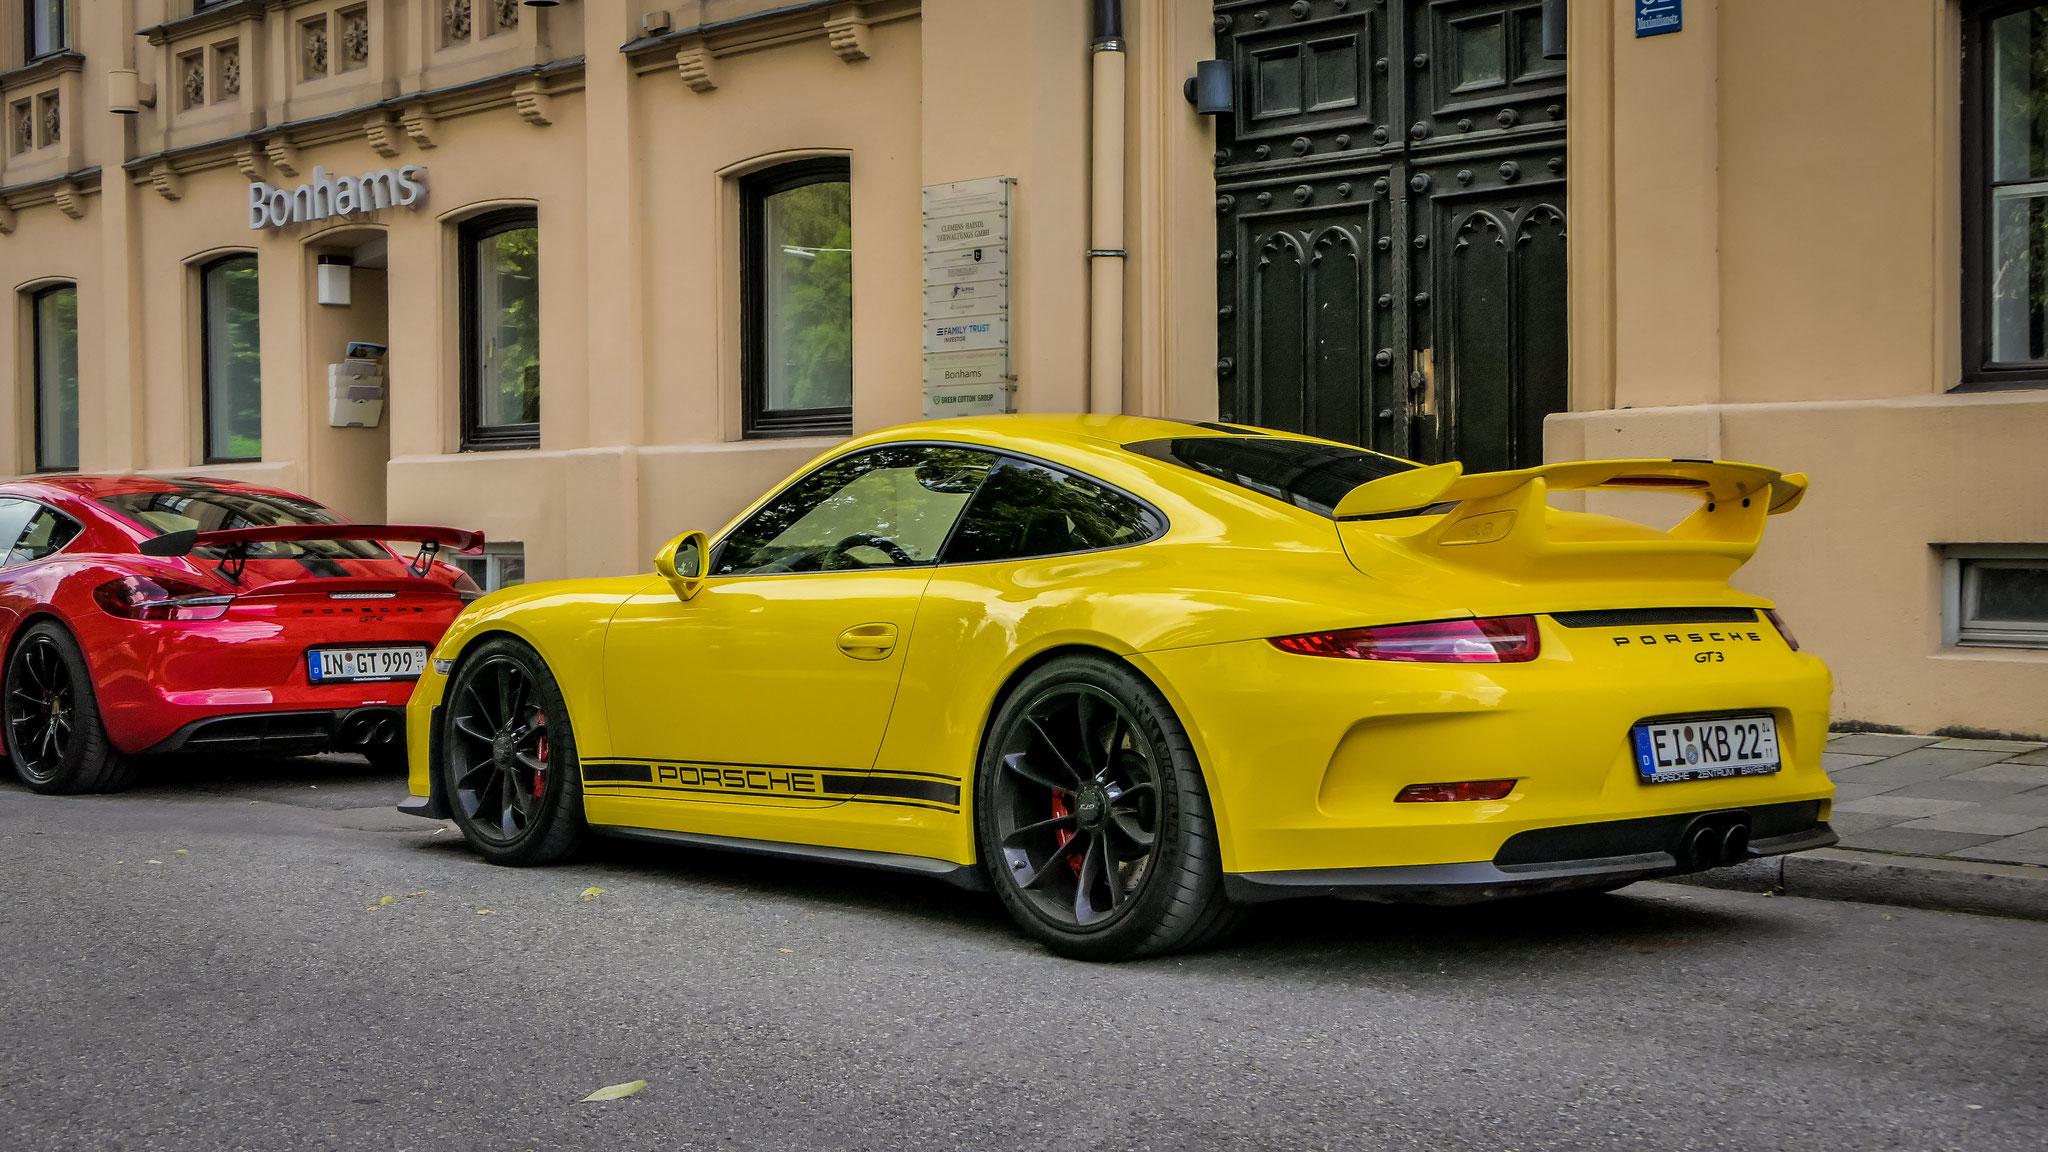 Porsche 991 GT3 - EI-KB-22